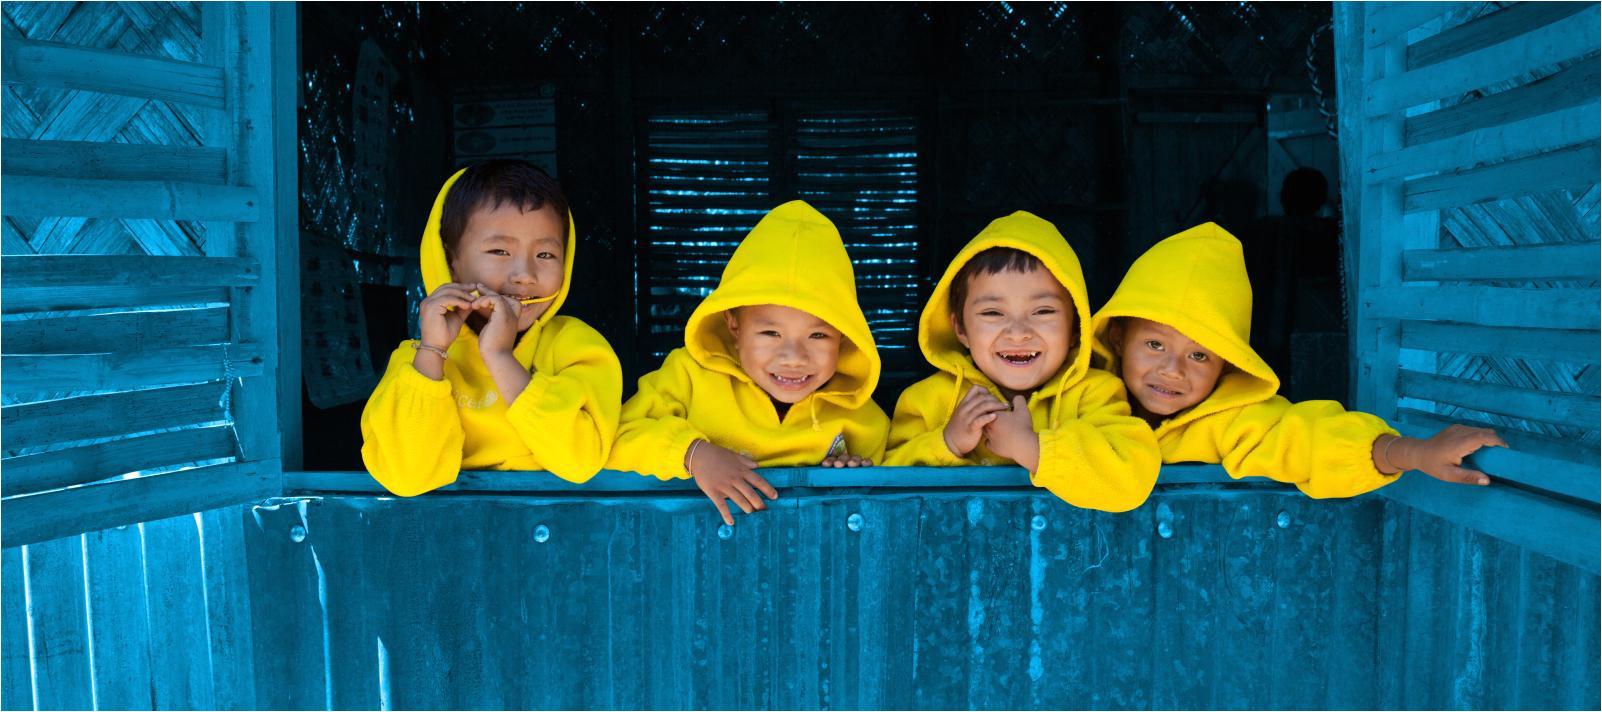 four children look out an open window bangladesh